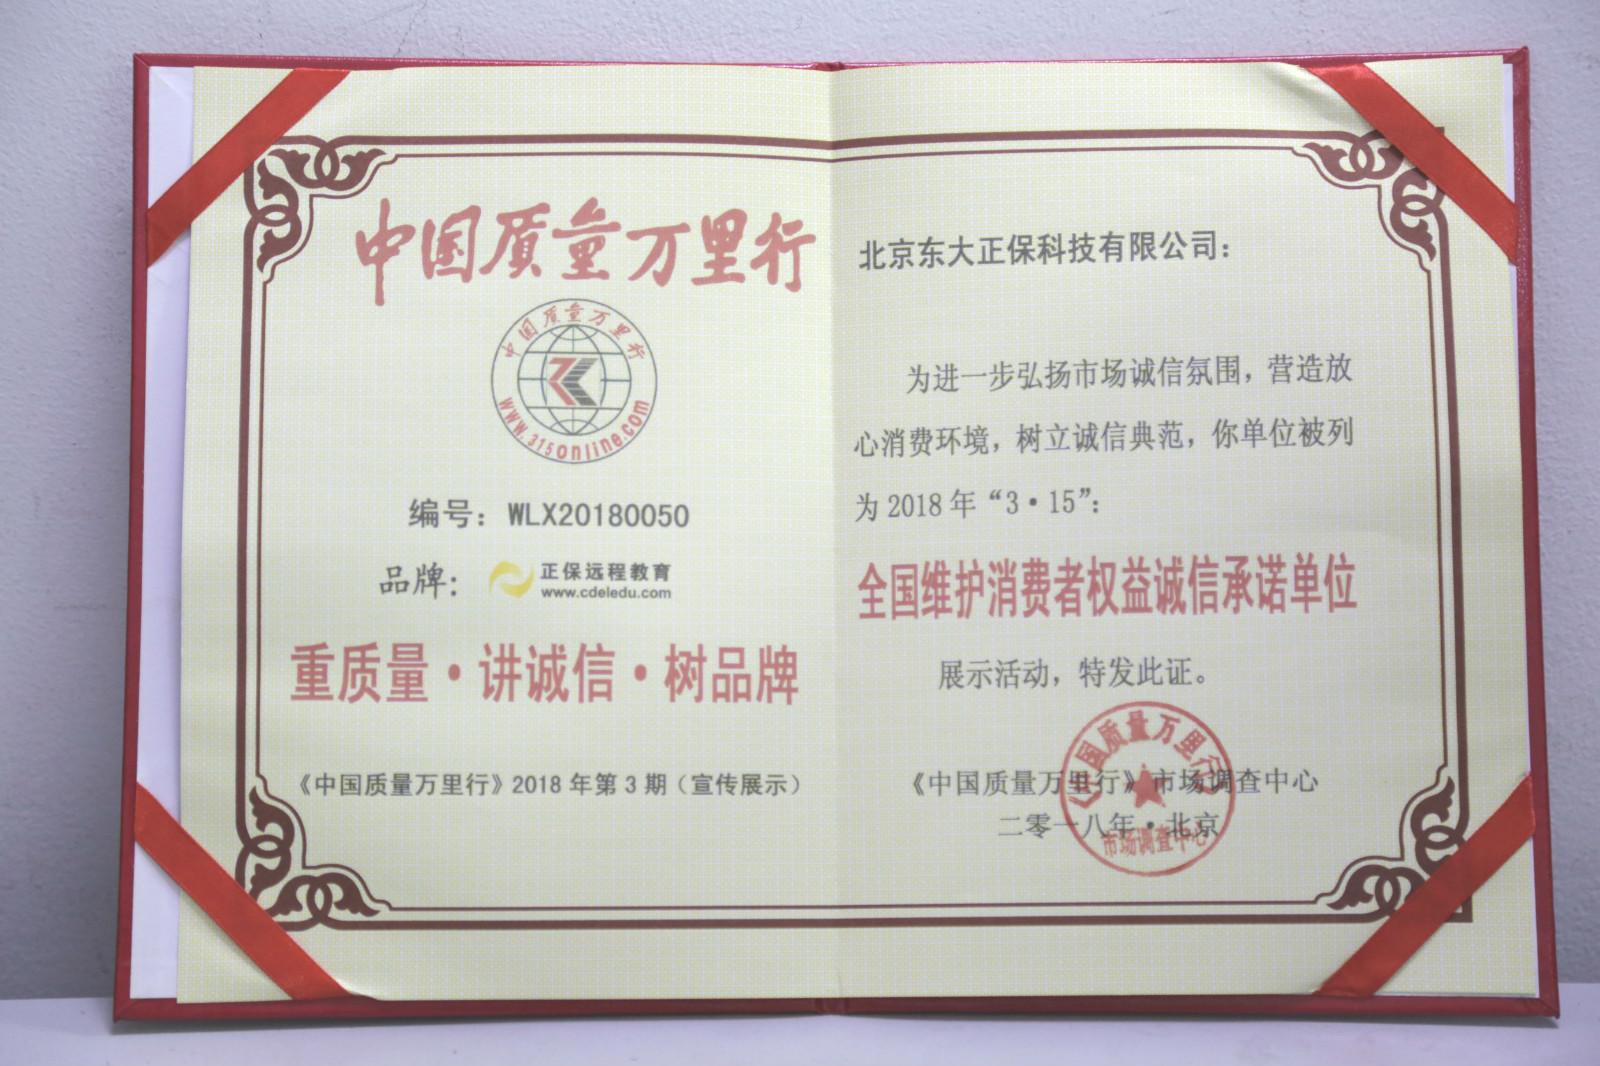 """大奖娱乐手机网址荣获2018年""""3.15全国维护消费者权益诚信承诺单位"""""""